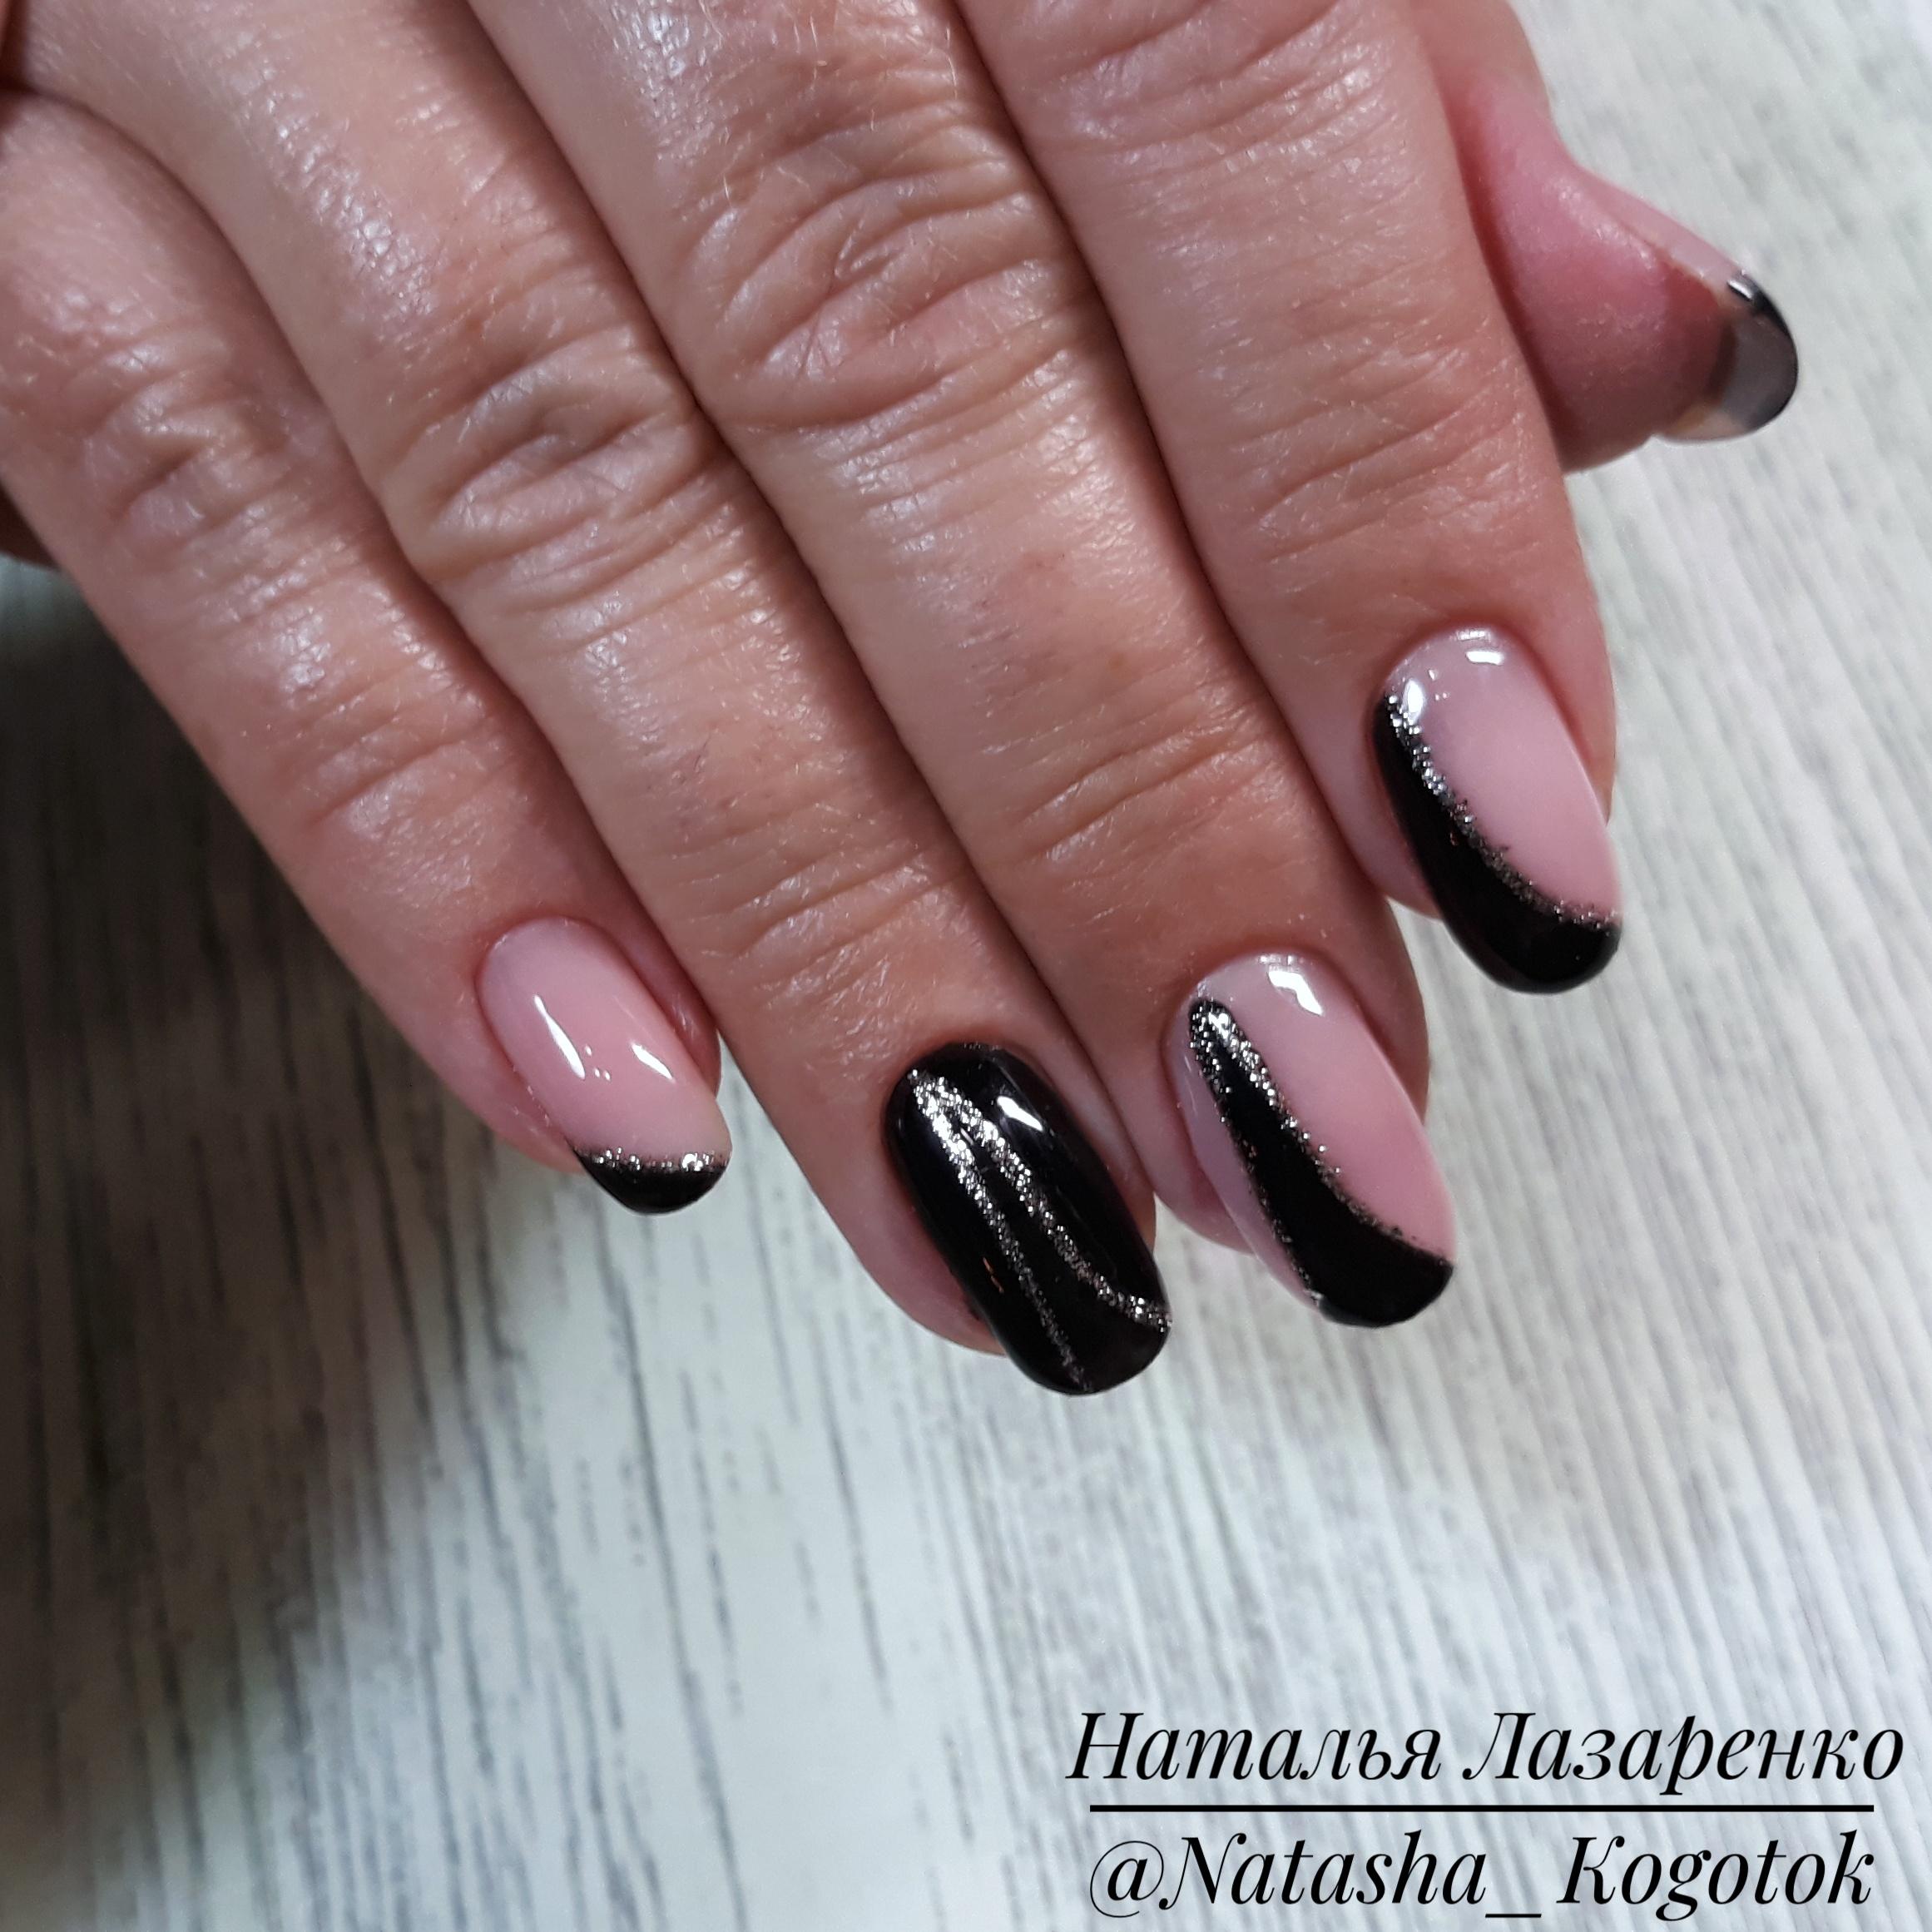 Геометрический маникюр с блестками в черном цвете на короткие ногти.